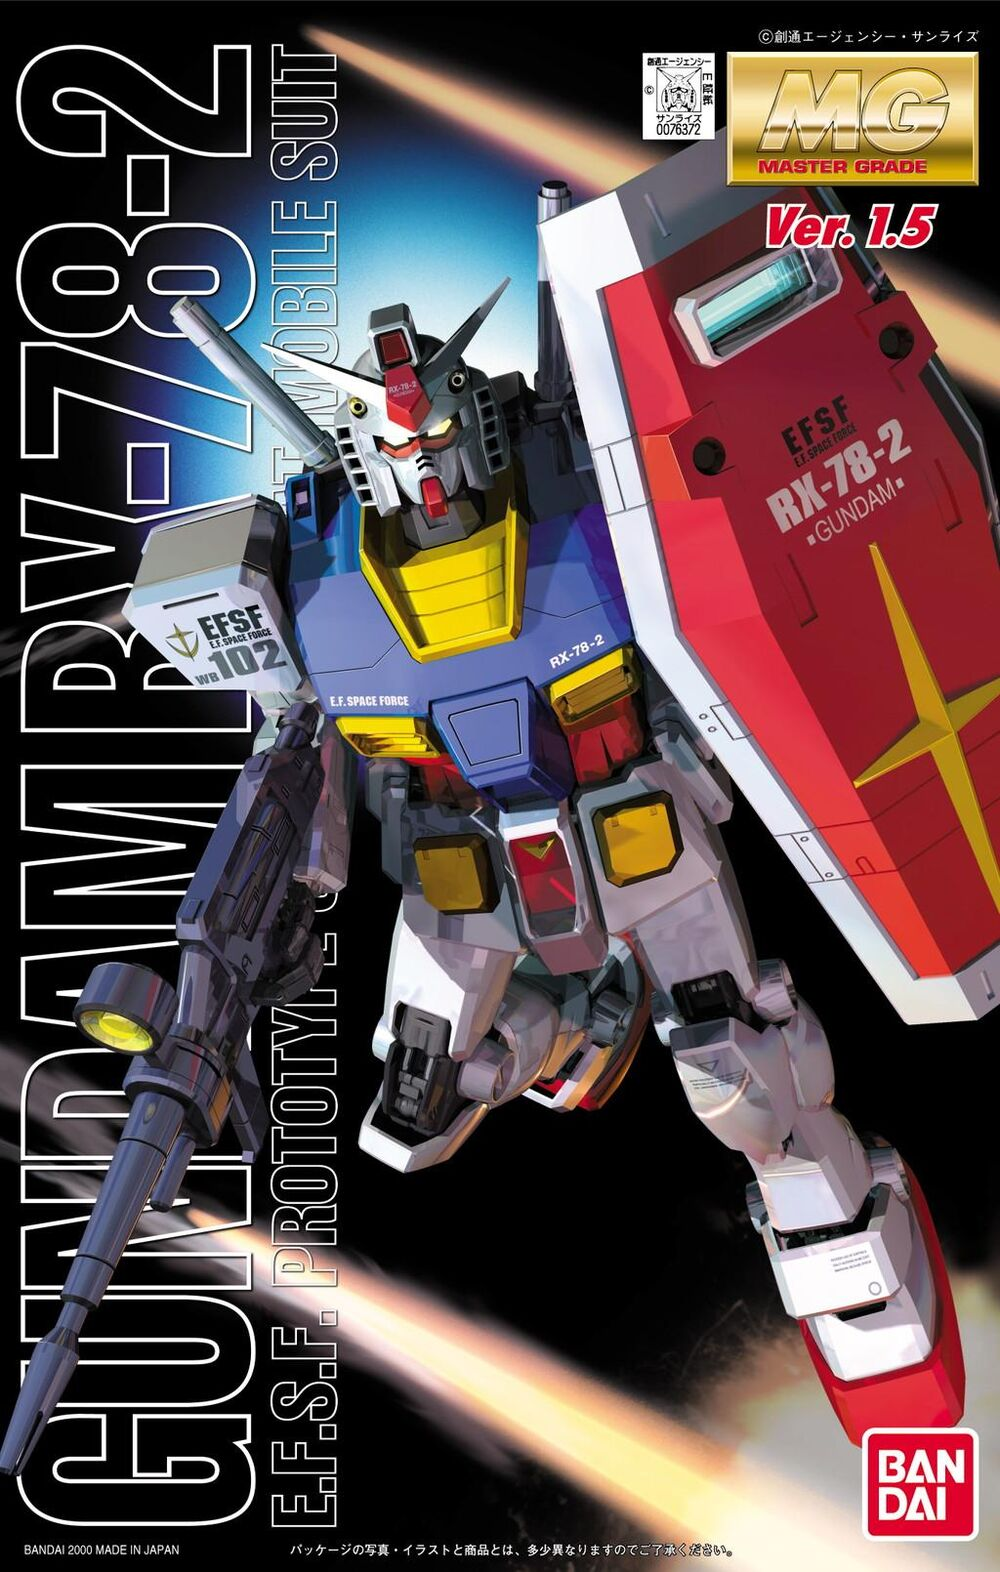 Bandai RX-78-2 GUNDAM Ver 1.5, Bandai MG